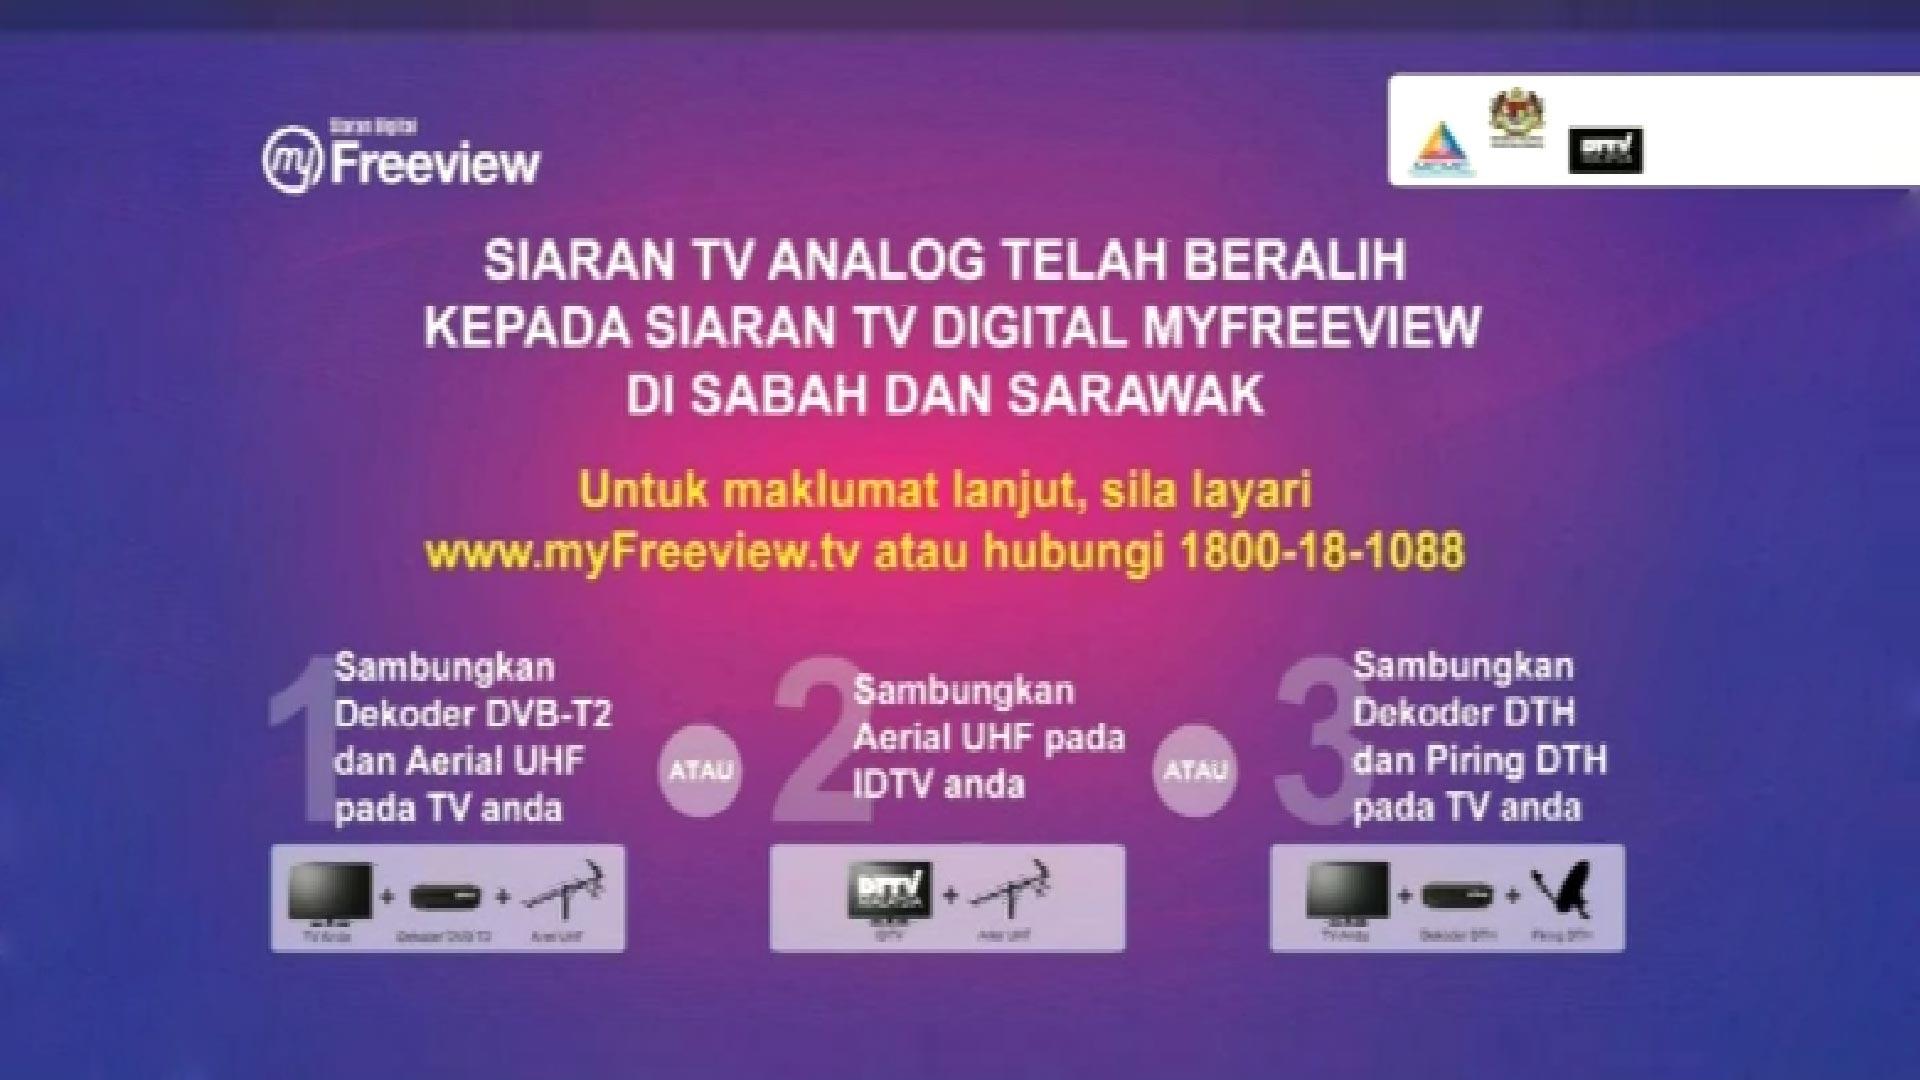 TV3 RTM Malaysia Hilang dari Measat 3 Pindah DVBT2